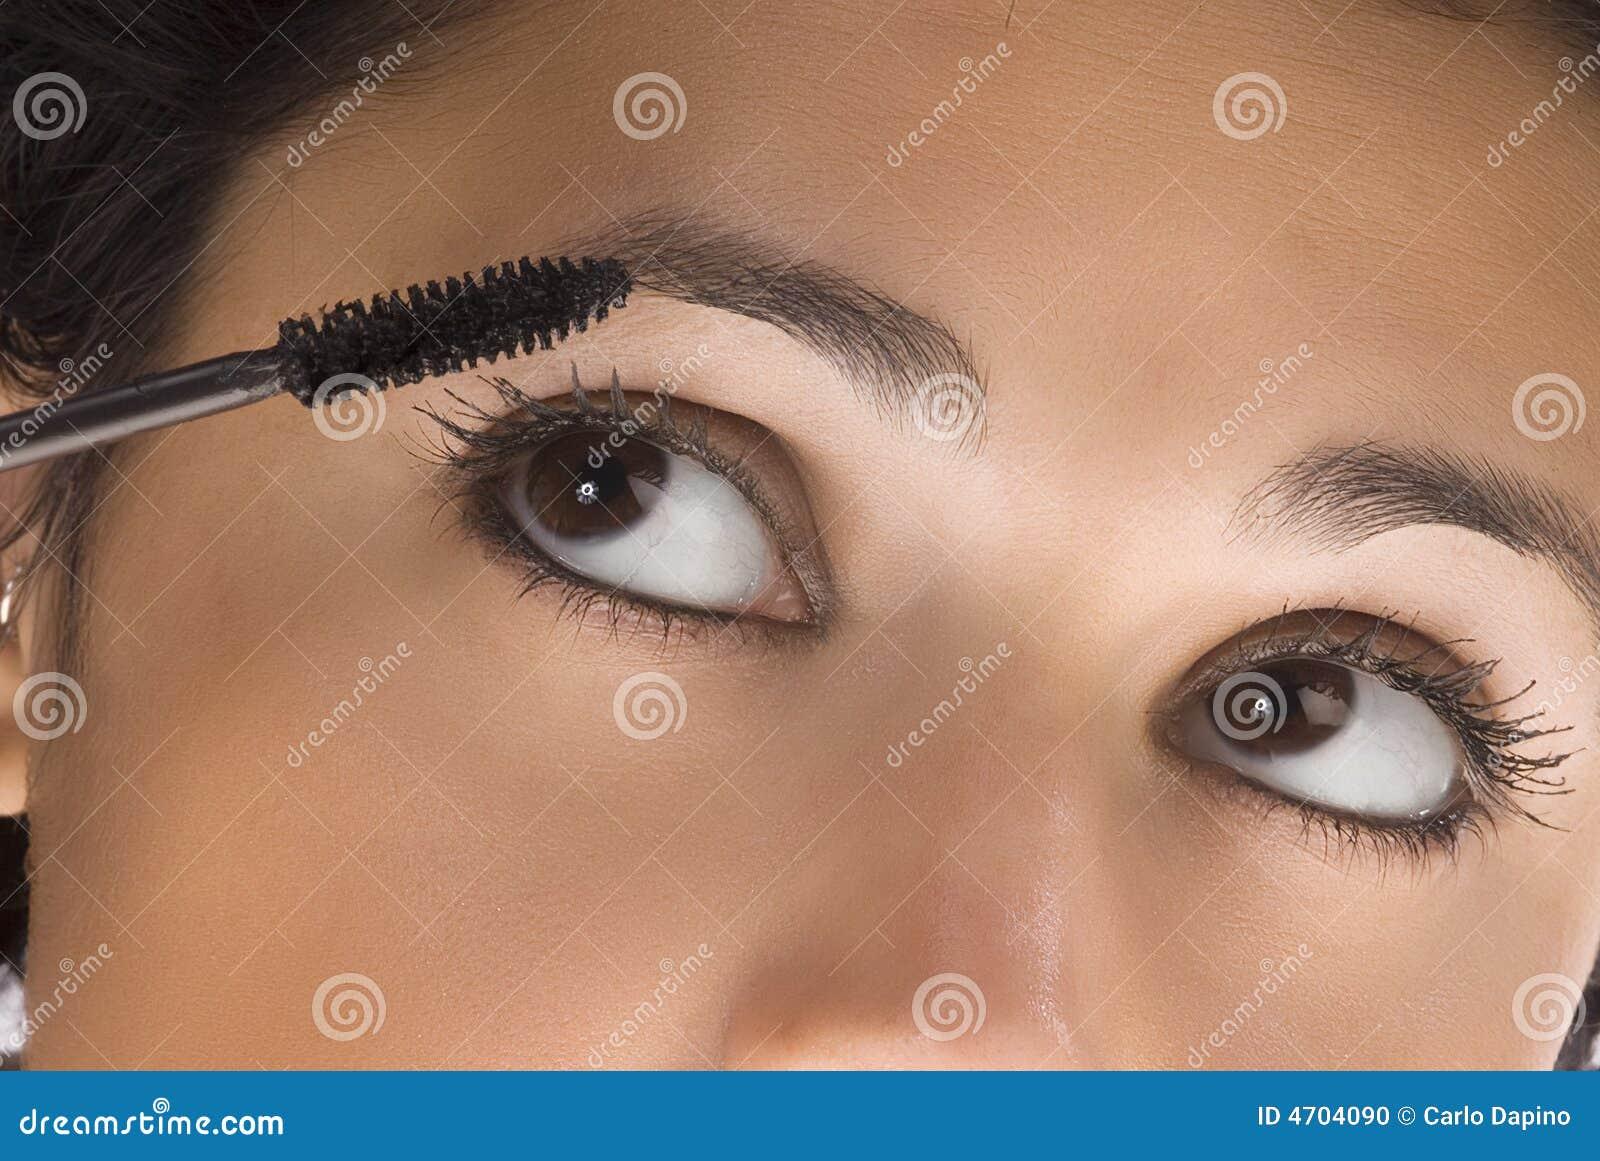 La spazzola e gli occhi